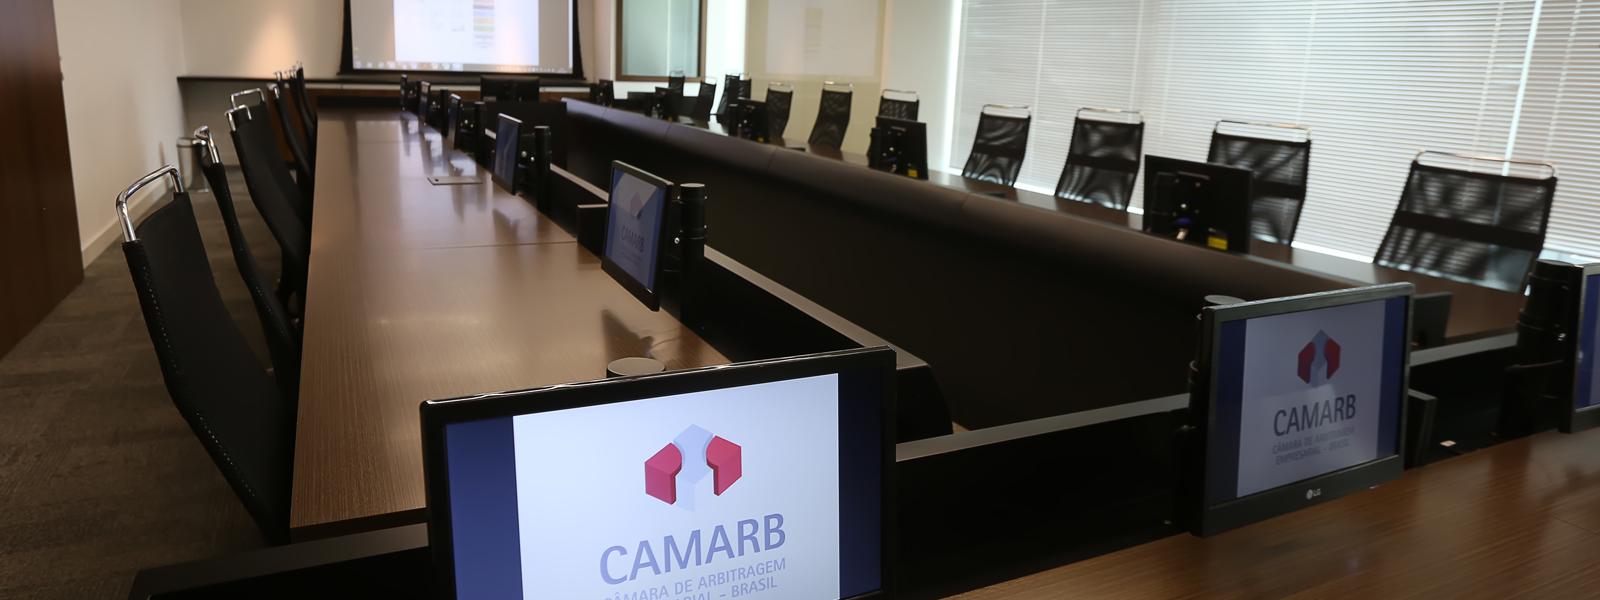 CAMARB